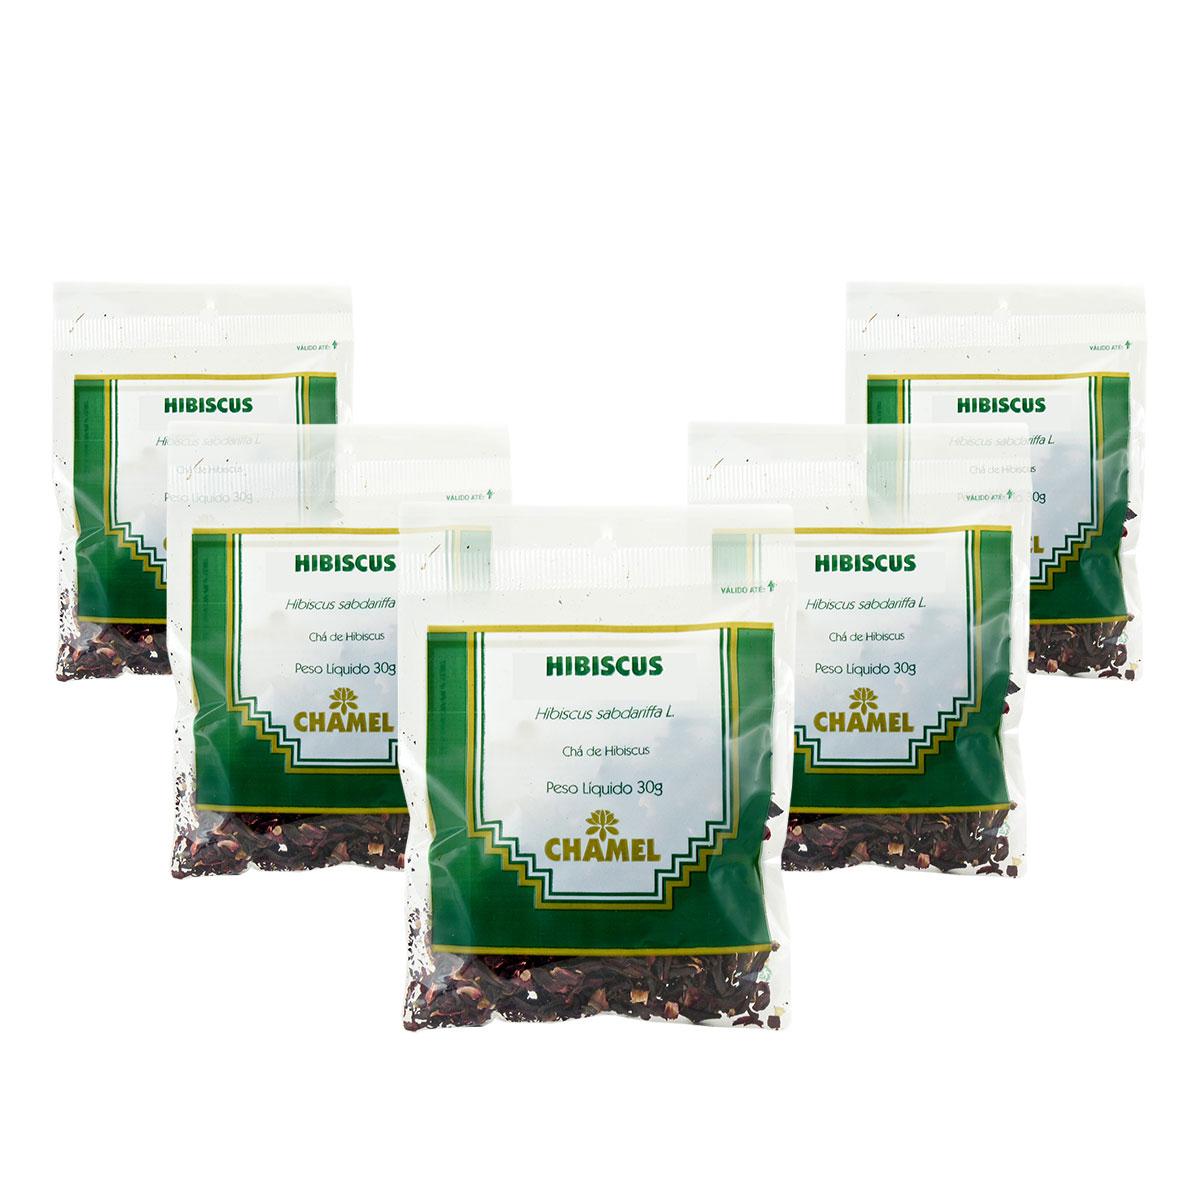 Hibiscus 30g Chamel com 5 Unidades - Chá Flores